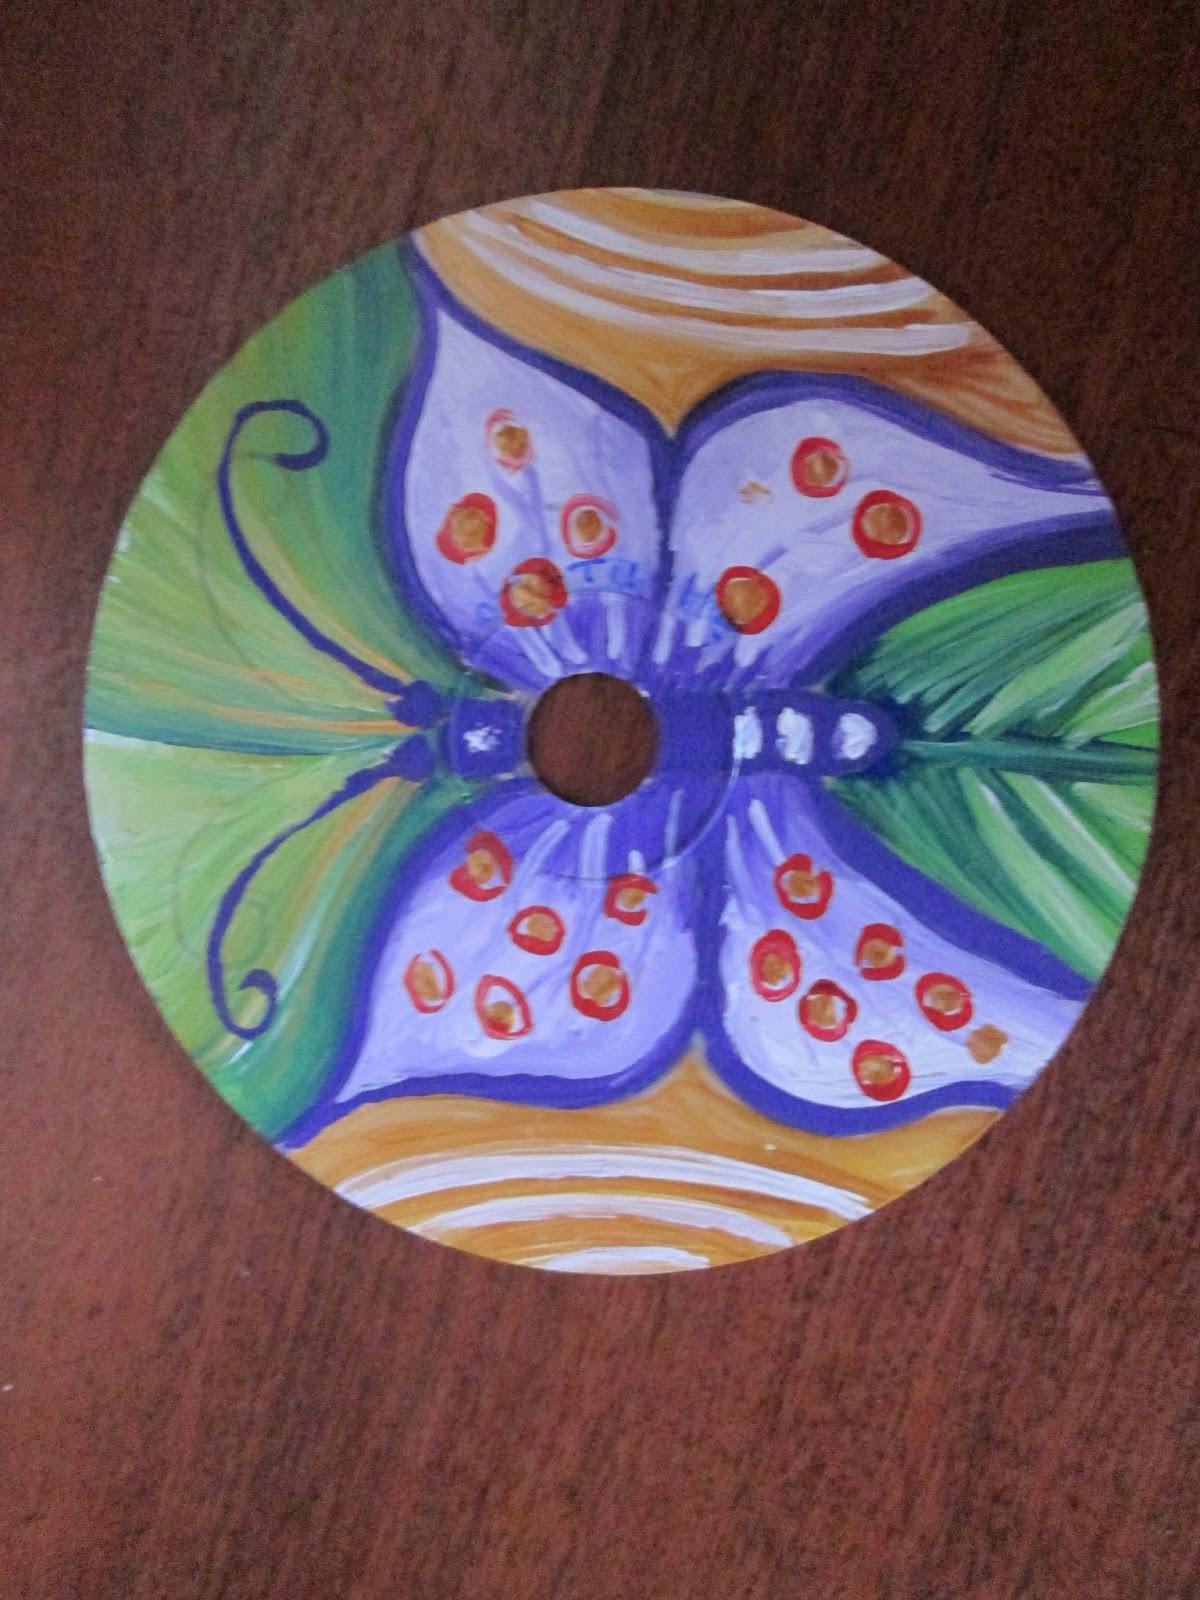 Manualidades mafer manualidades con cds reciclados - Manualidades con cd usados ...